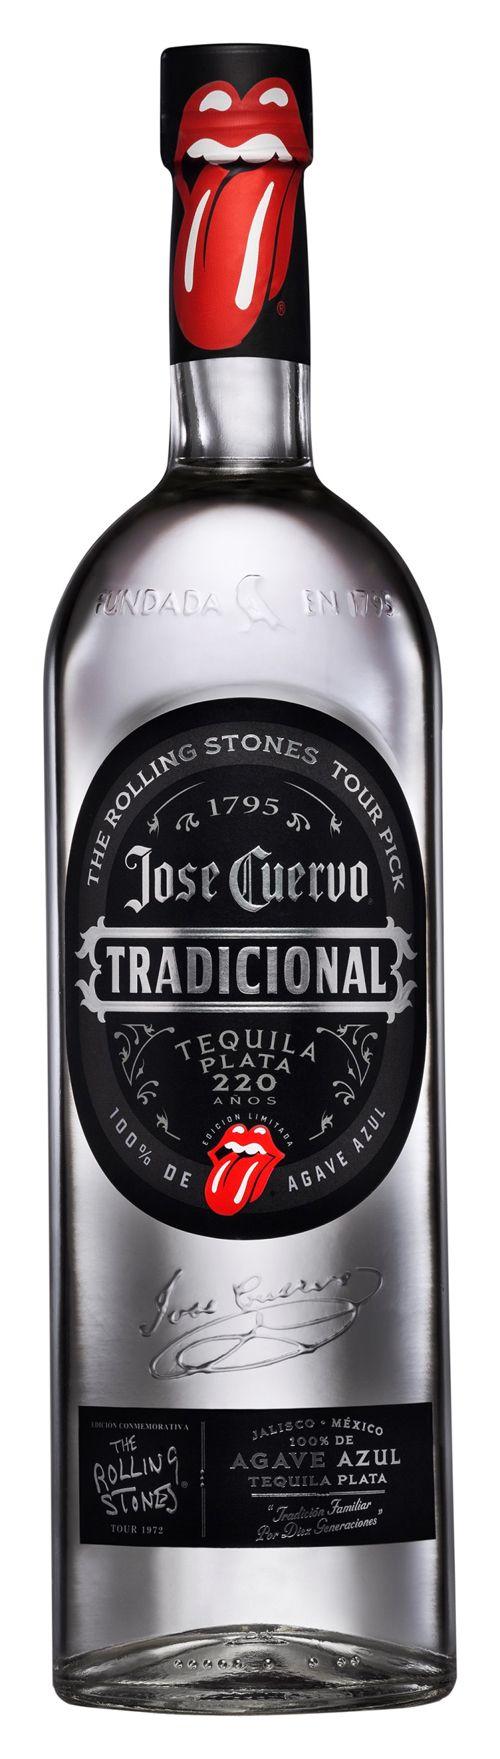 Cuervo Tradicional y Rolling Stones, juntos en un tequila | Mundo Ejecutivo